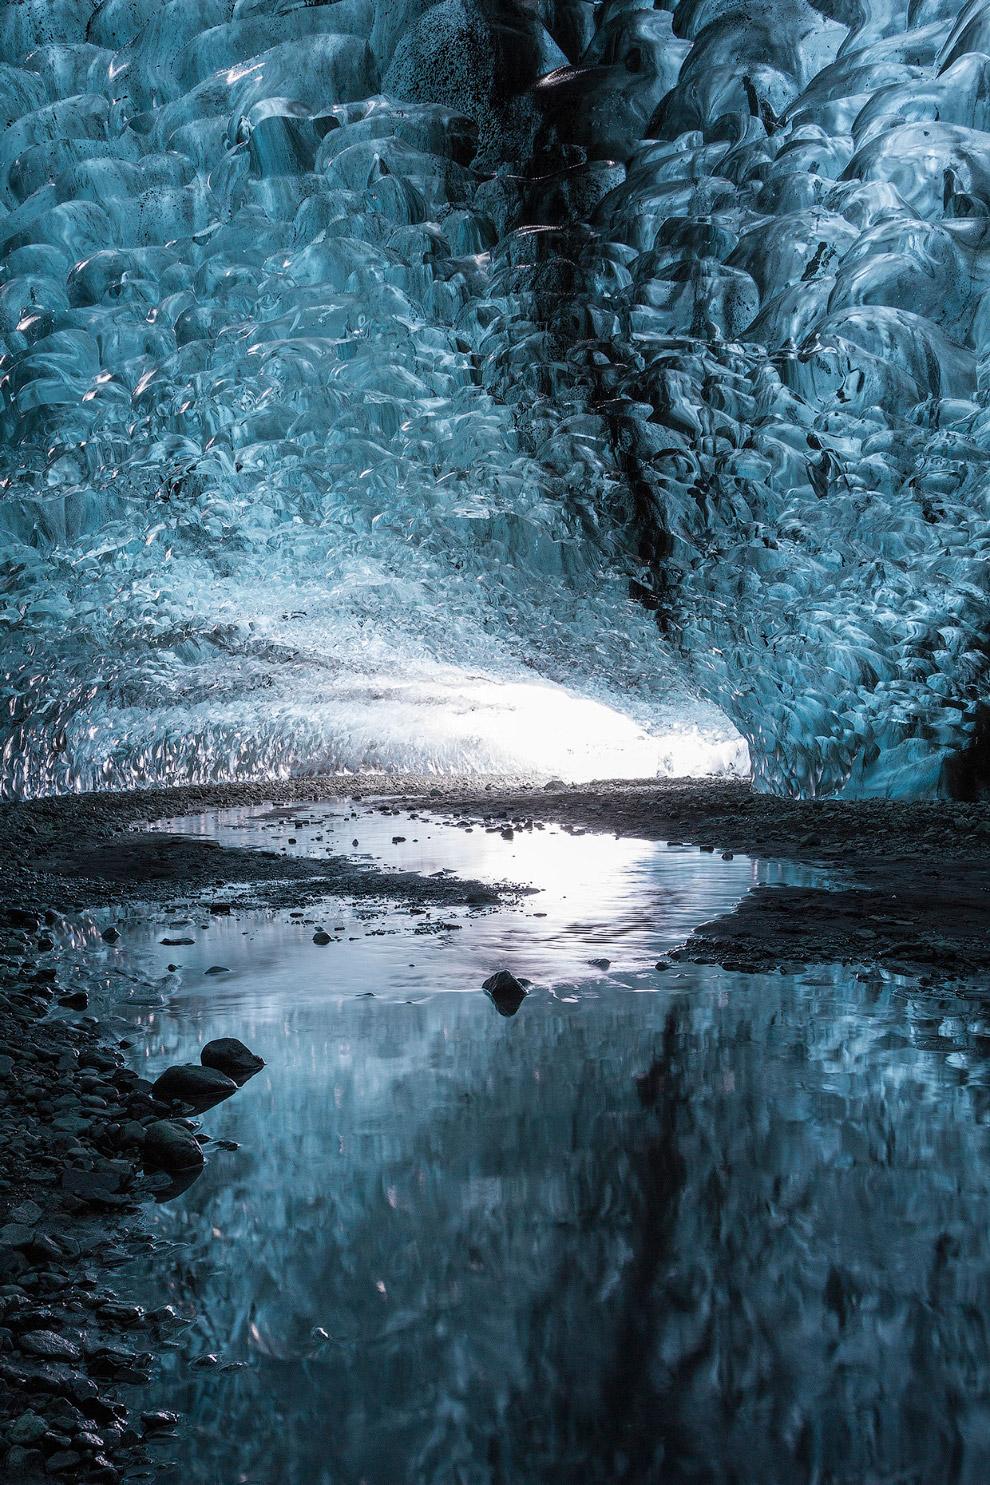 4. Ещё один тип ледниковых пещер — пещеры, образуемые в леднике в месте выхода внутриледниковых